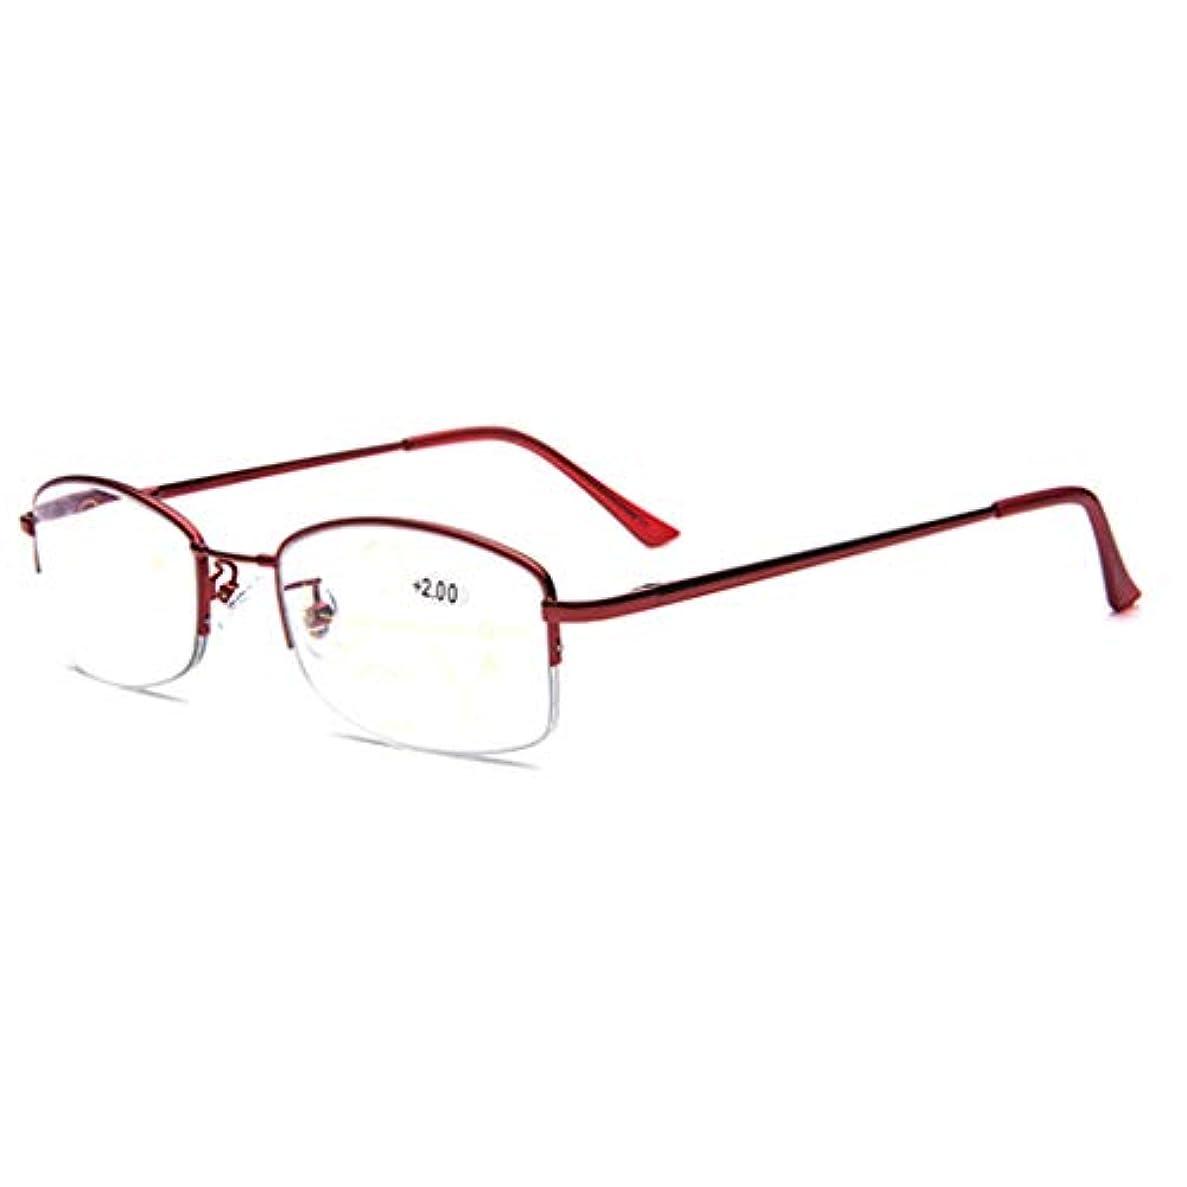 アンチブルーライト老眼鏡、メモリメタル光学アイウェア、マルチフォーカスプログレッシブ老眼鏡